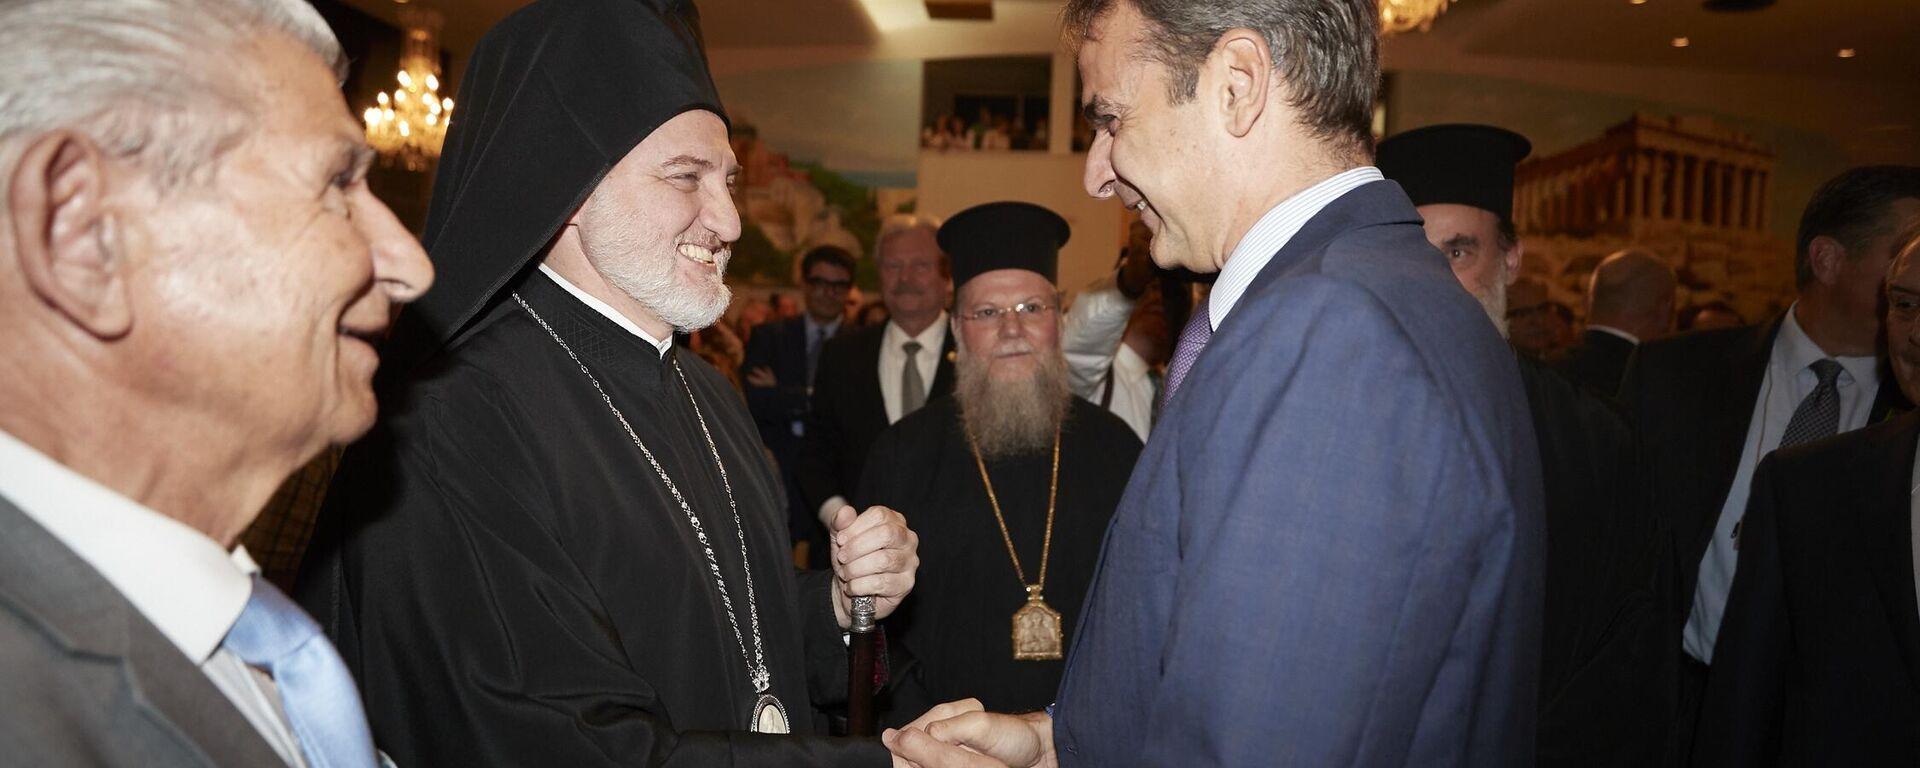 Ο Κυριάκος Μητσοτάκης με τον Αρχιεπίσκοπο Αμερικής, Ελπιδοφόρο - Sputnik Ελλάδα, 1920, 24.09.2021